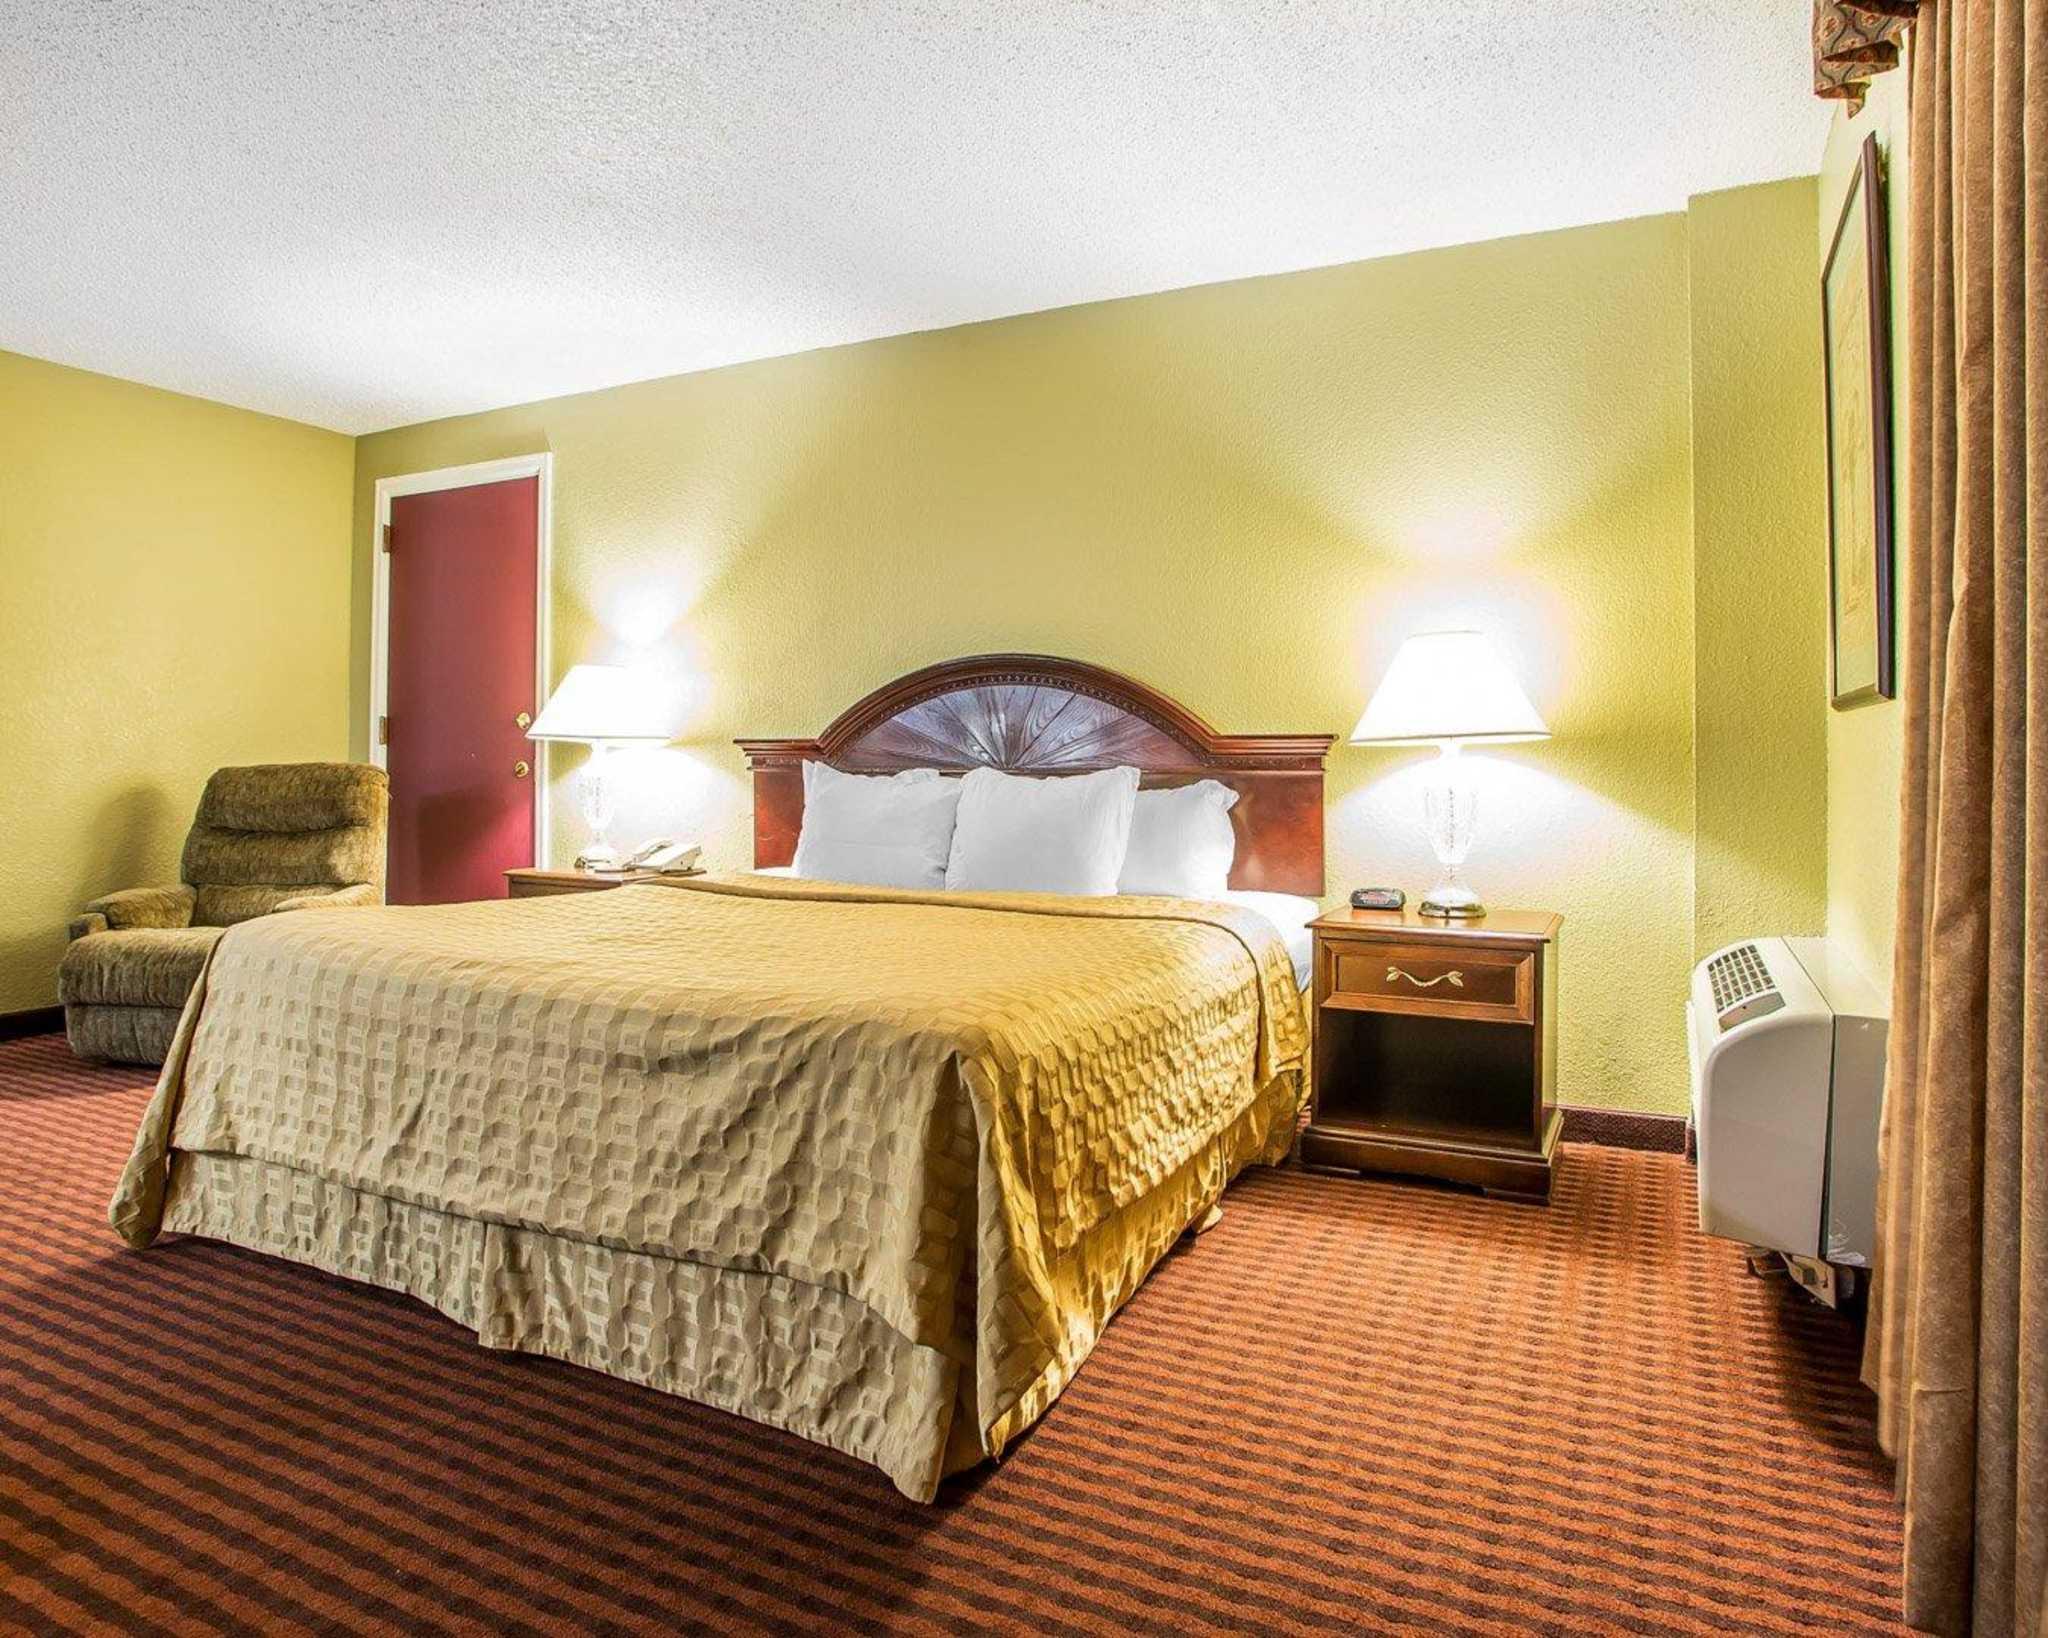 Clarion Hotel Highlander Conference Center image 27